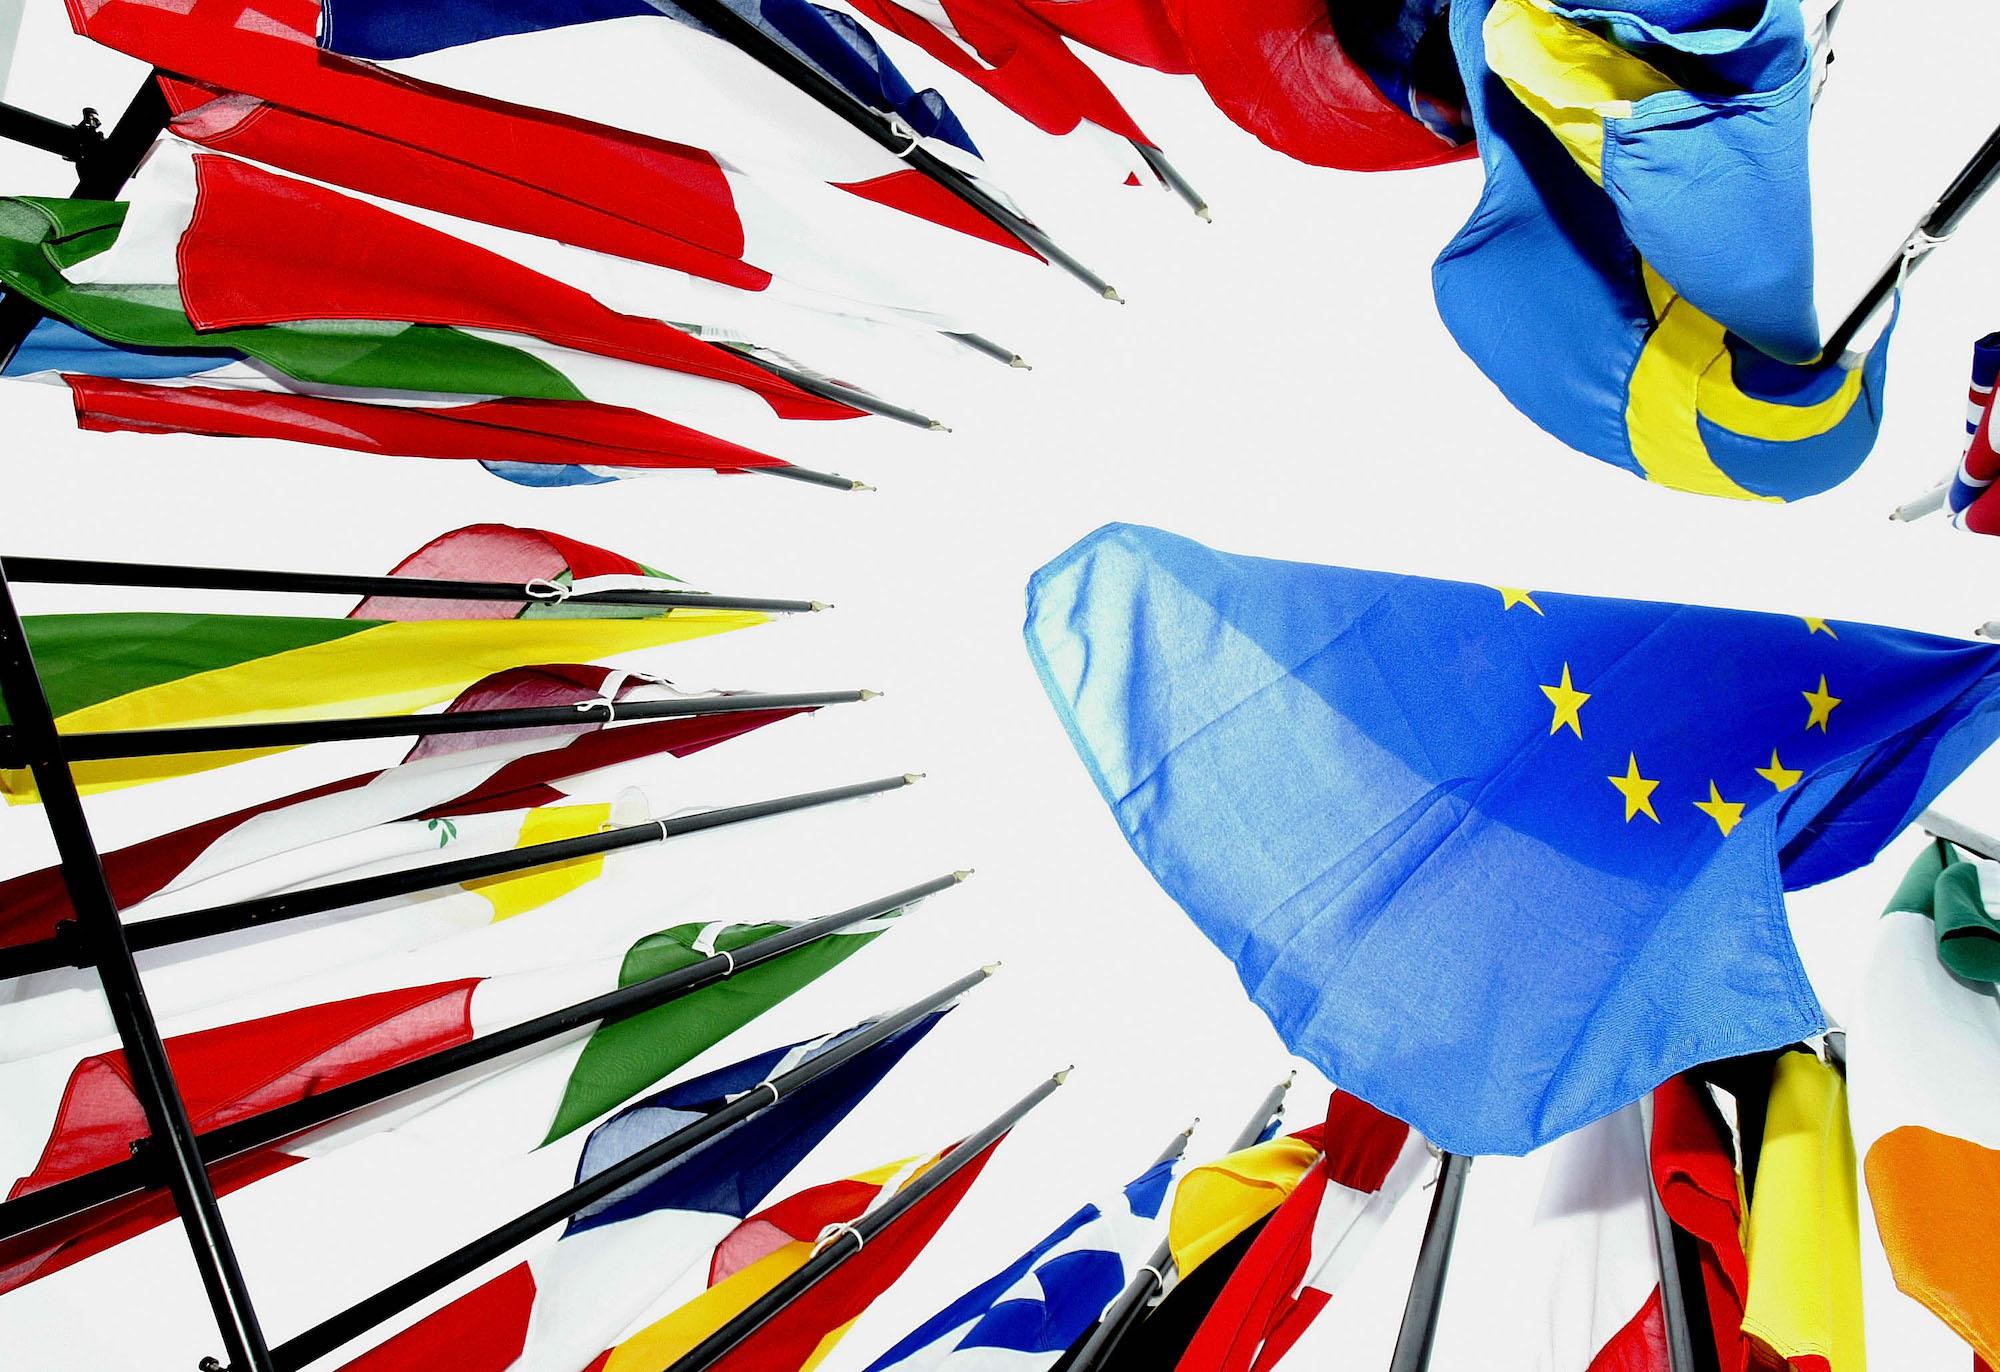 Elezioni Europee 2019: Apertura Straordinaria Degli Uffici Comunali